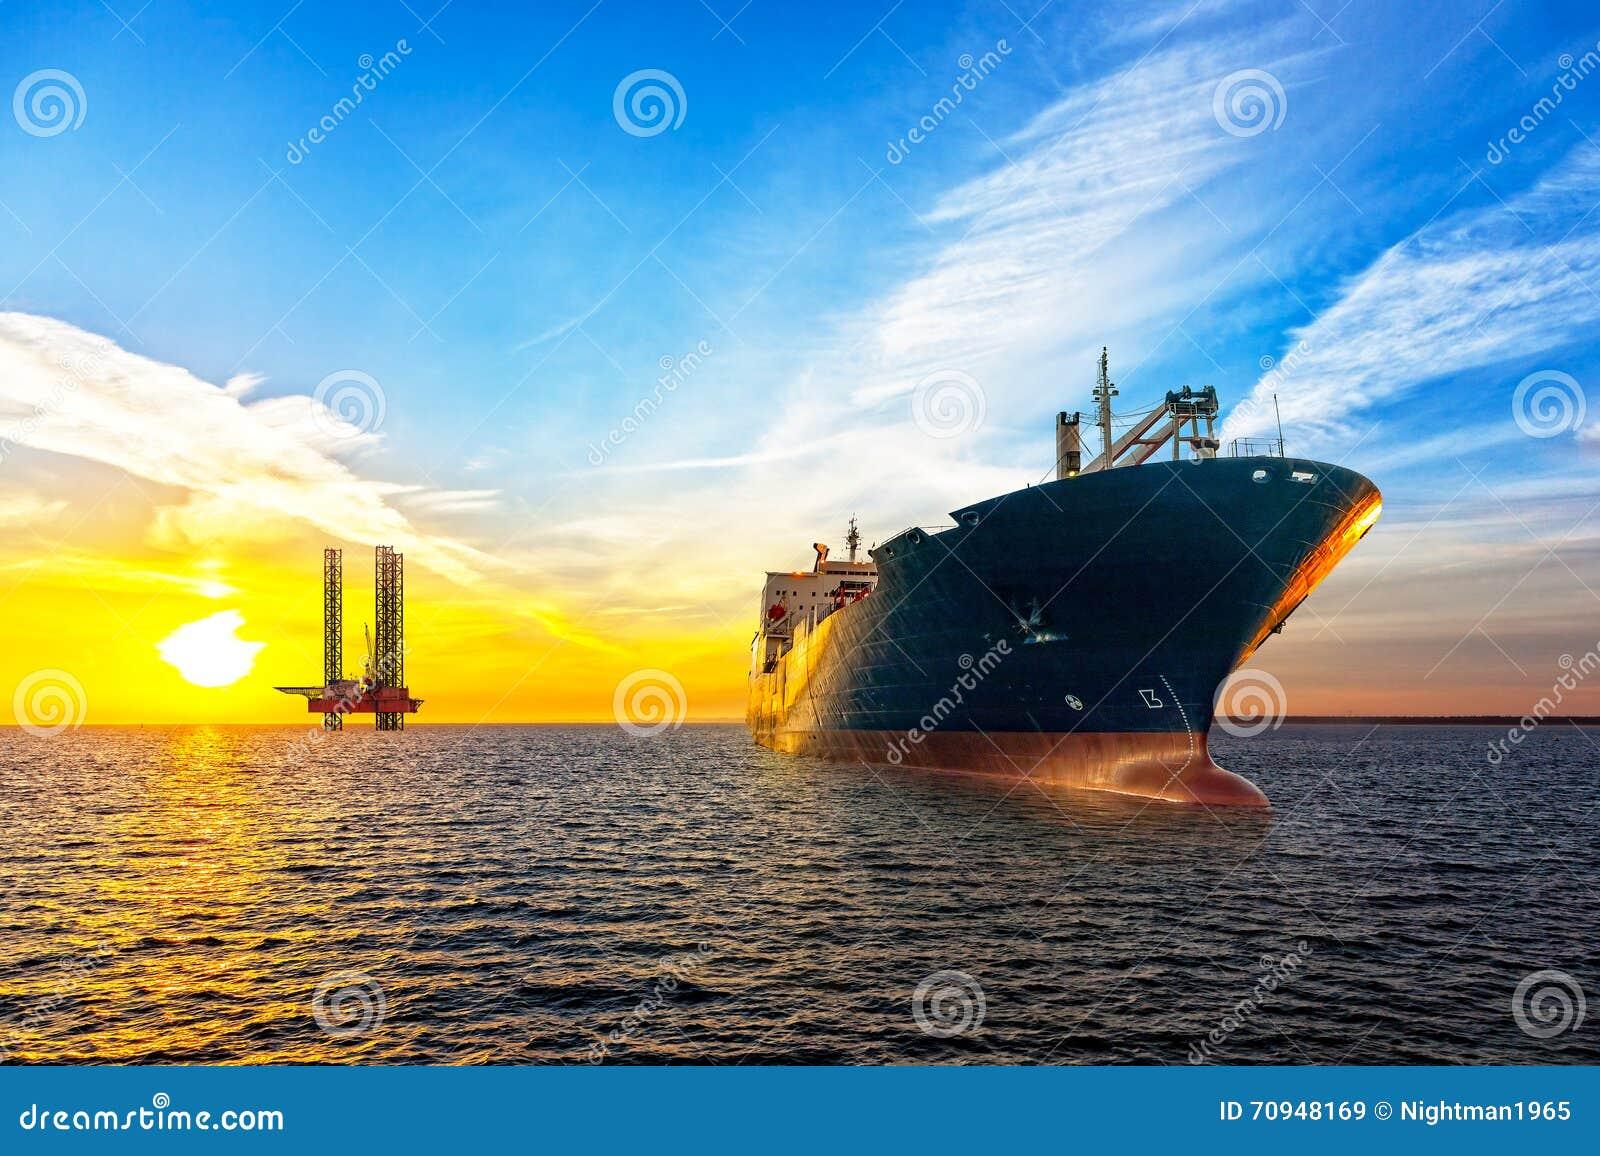 船和石油平台